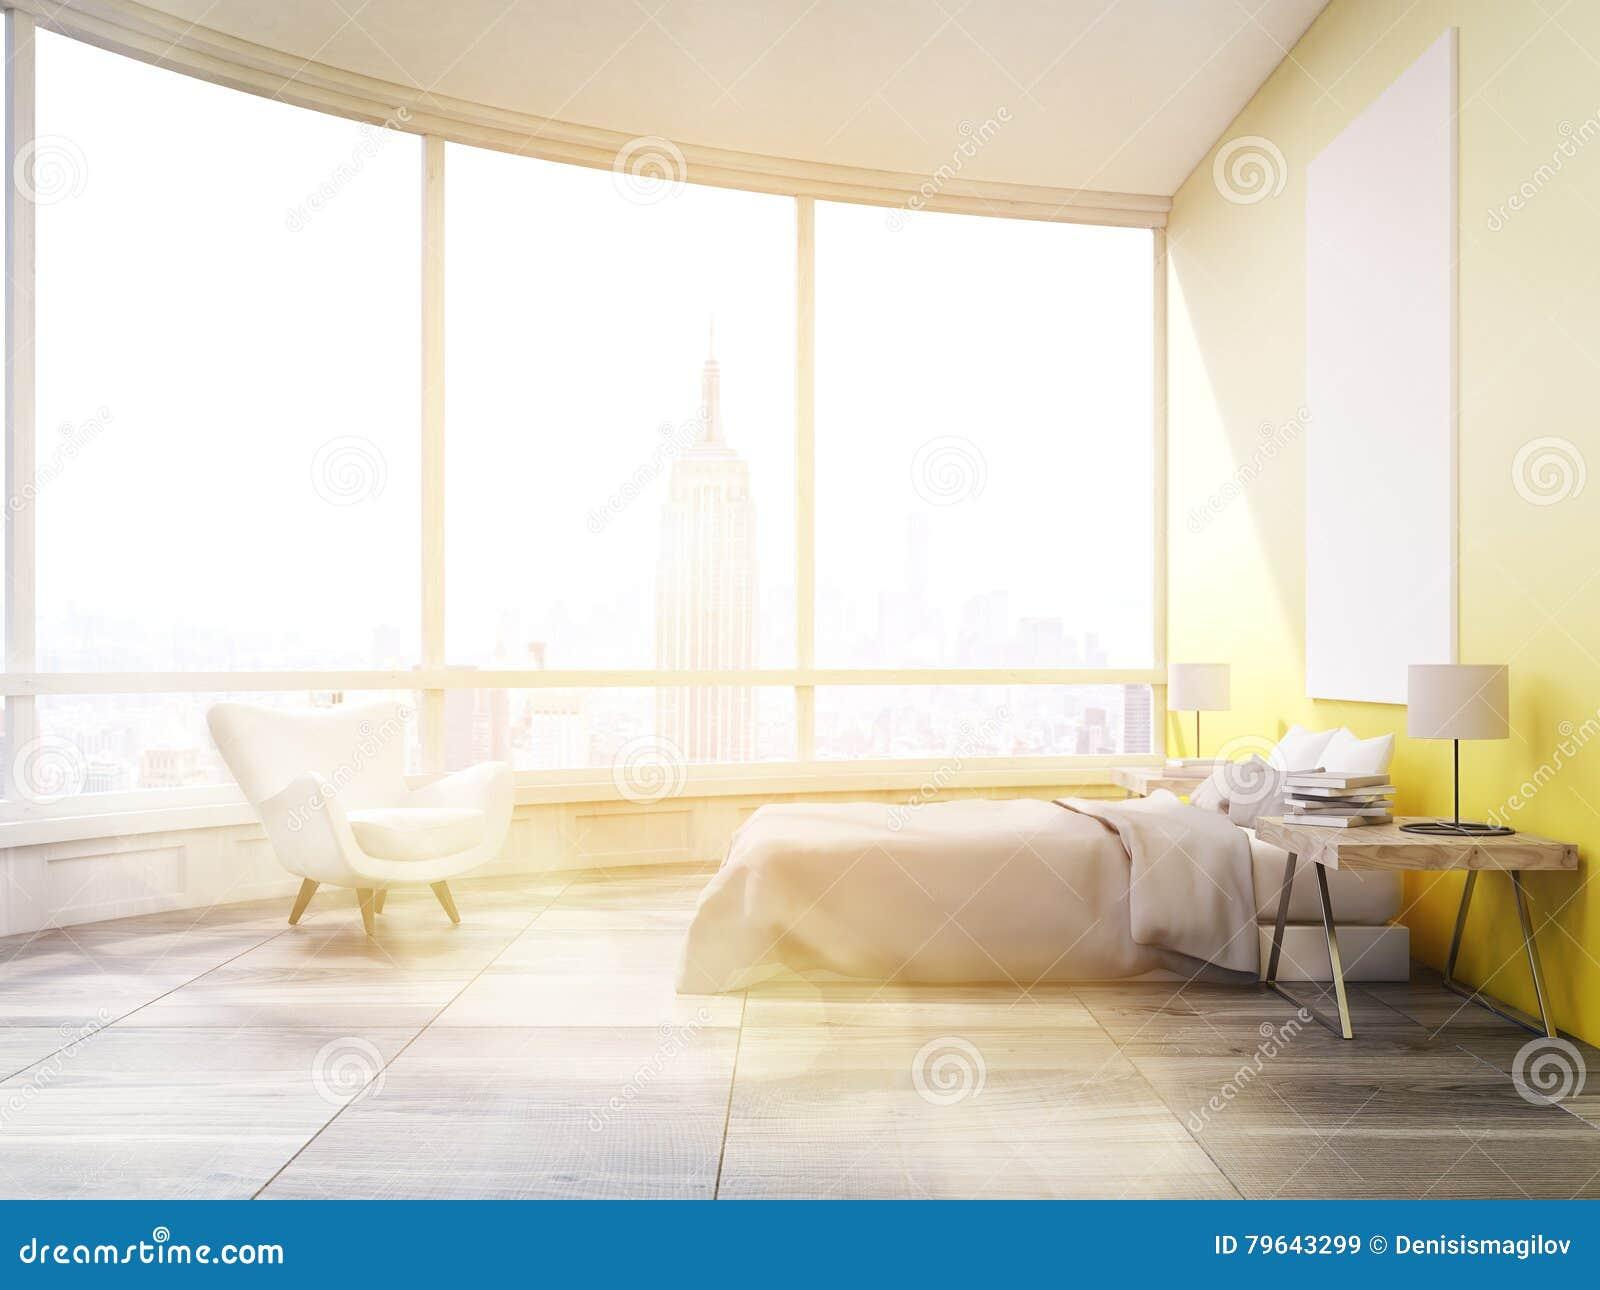 Gele Muur Slaapkamer : Zijaanzicht van zonovergoten slaapkamer met gele muren in new york